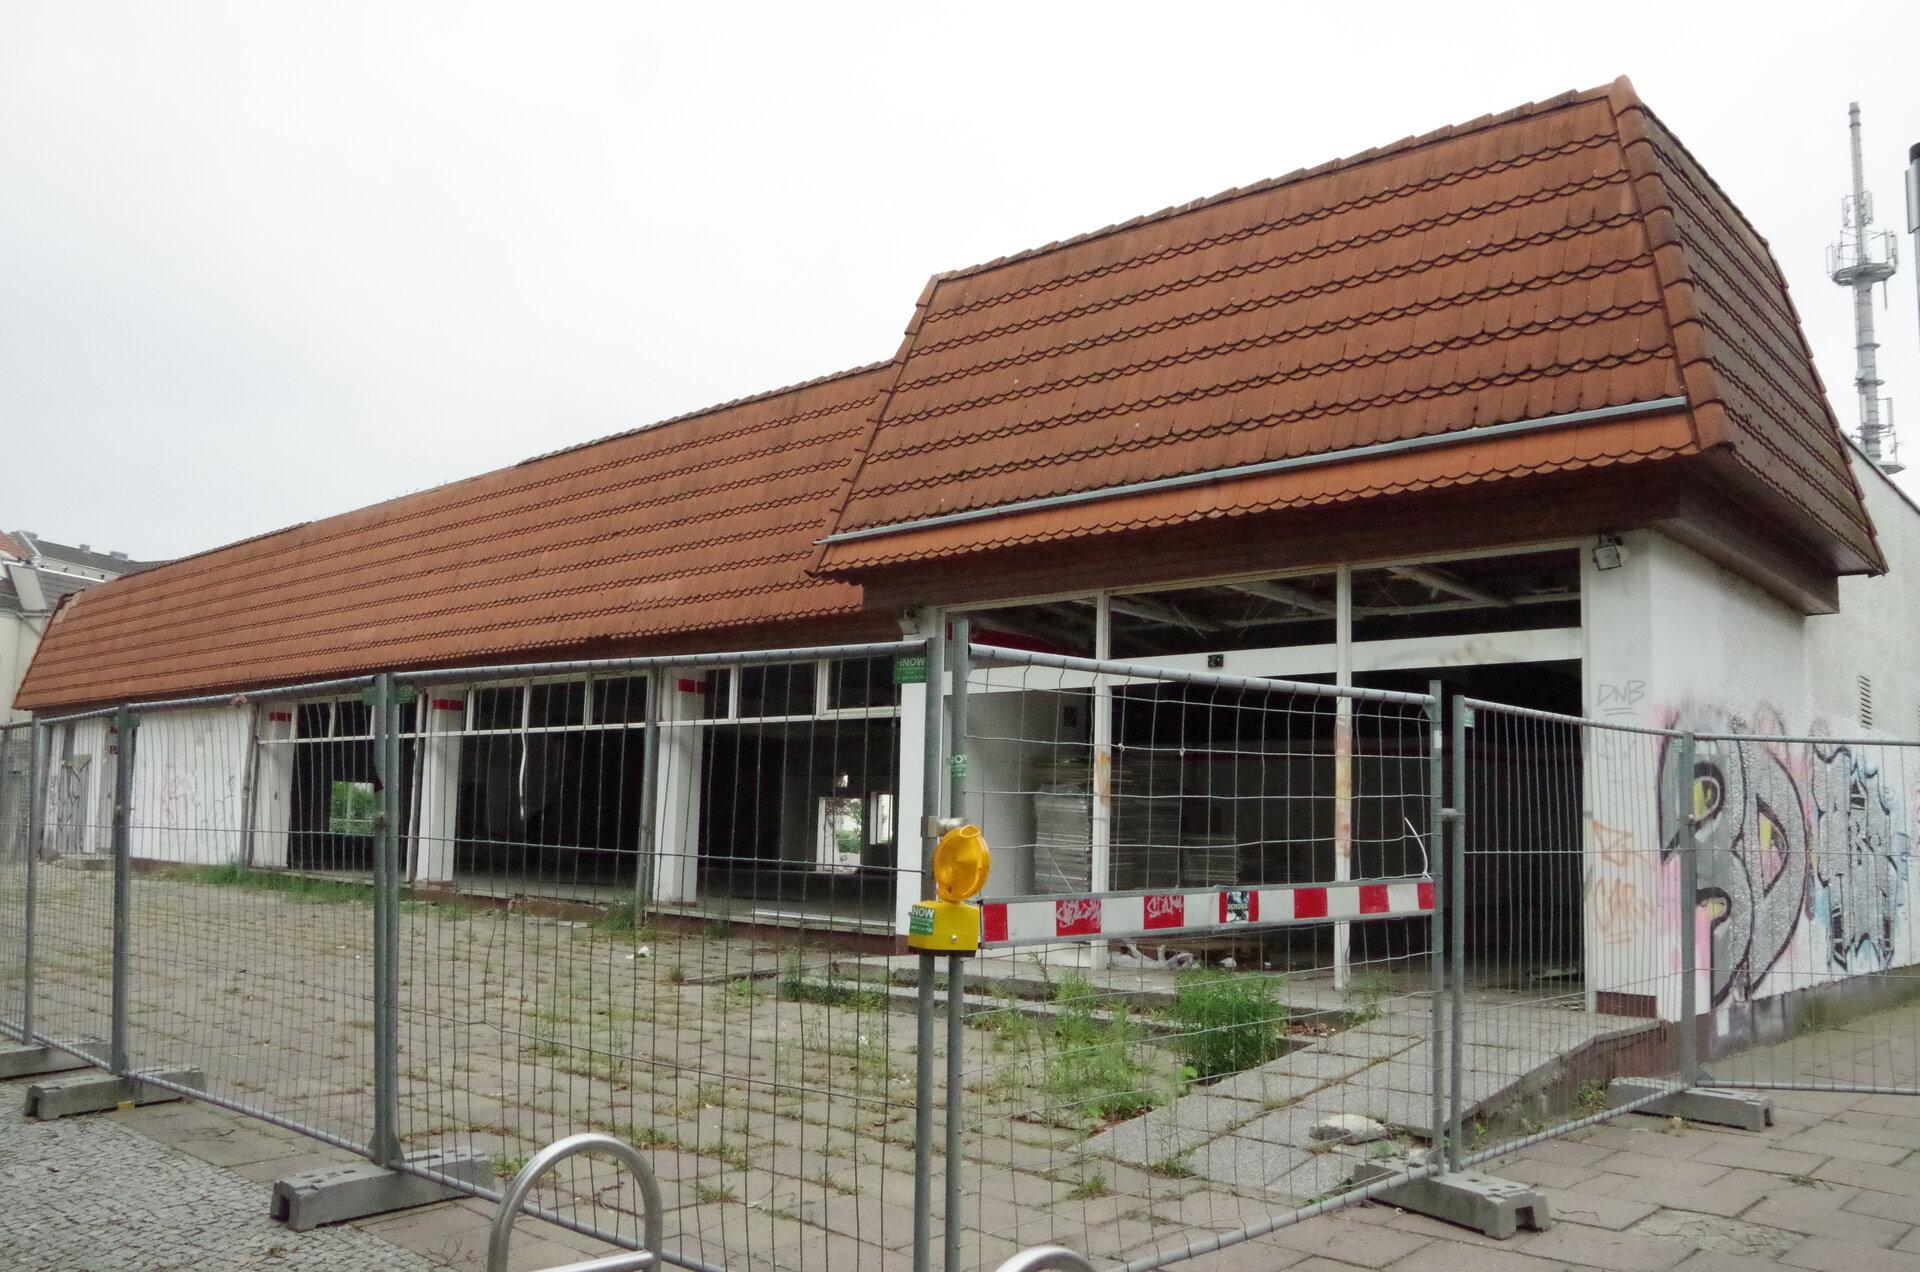 Unser Bild zeigt den Abriss der alten Kaufhalle in der Bahnhofstraße (Quelle: Stadtarchiv).